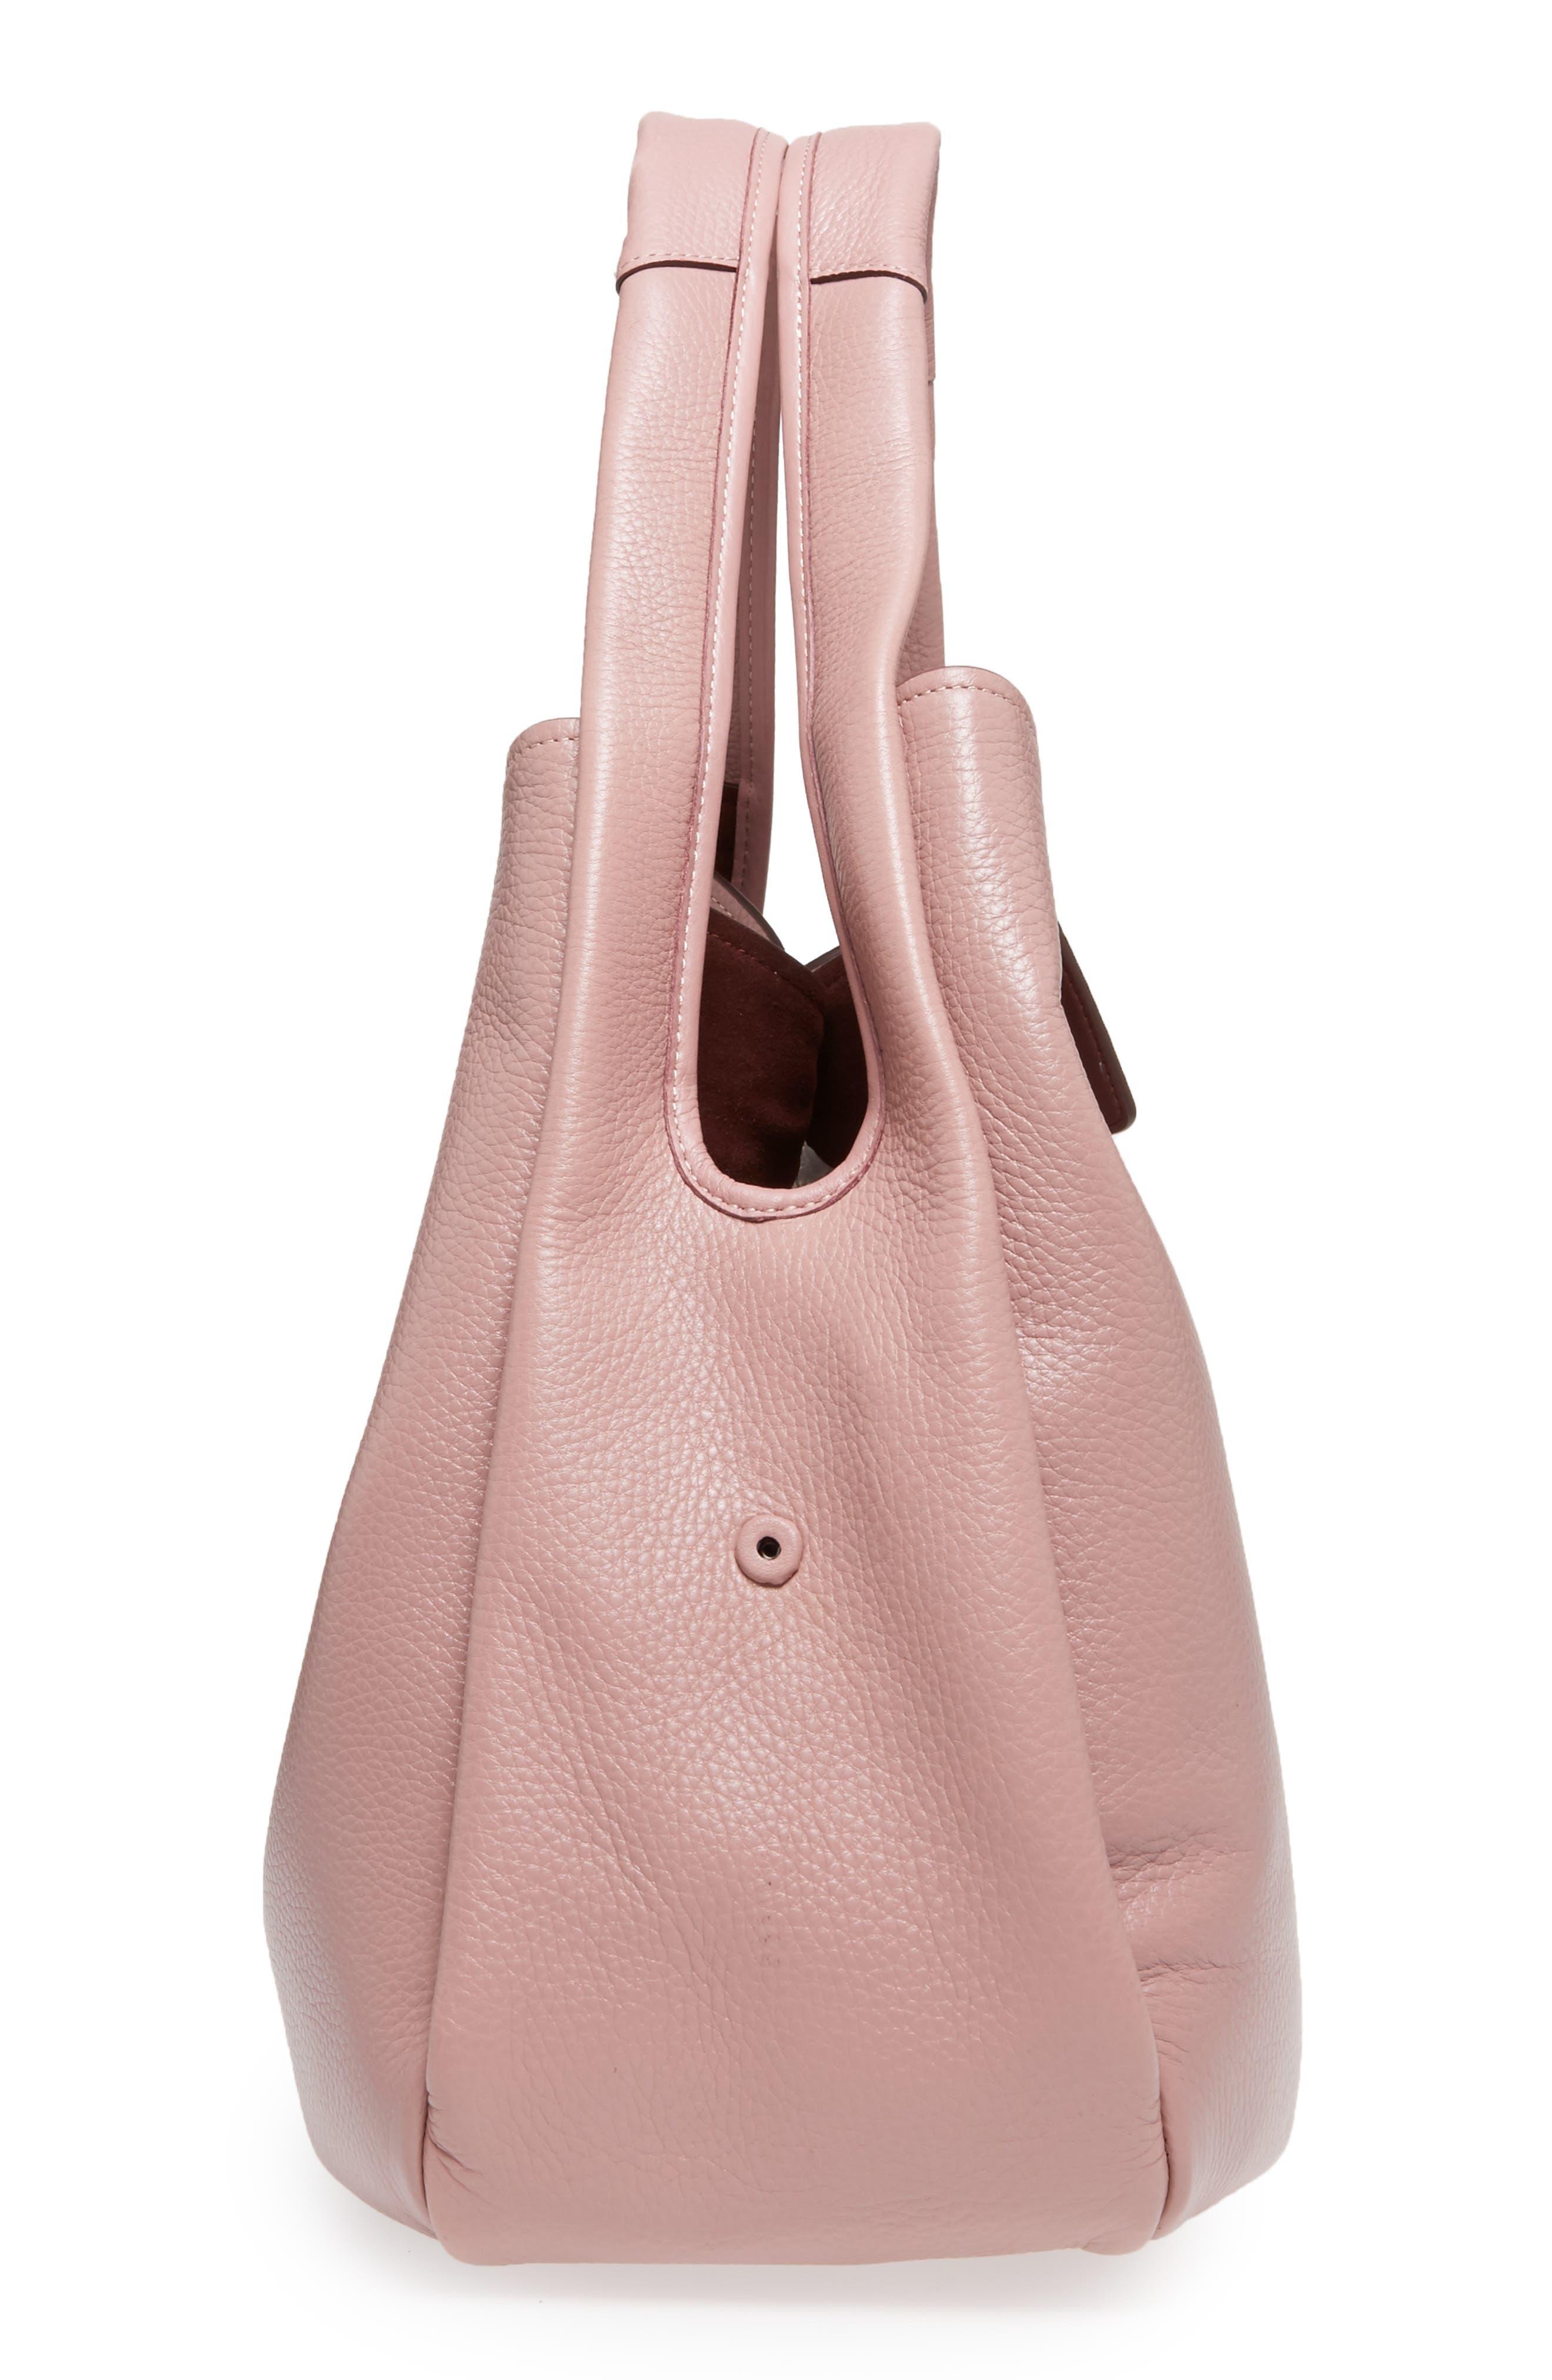 Bandit 39 Leather Hobo & Removable Shoulder Bag,                             Alternate thumbnail 6, color,                             650